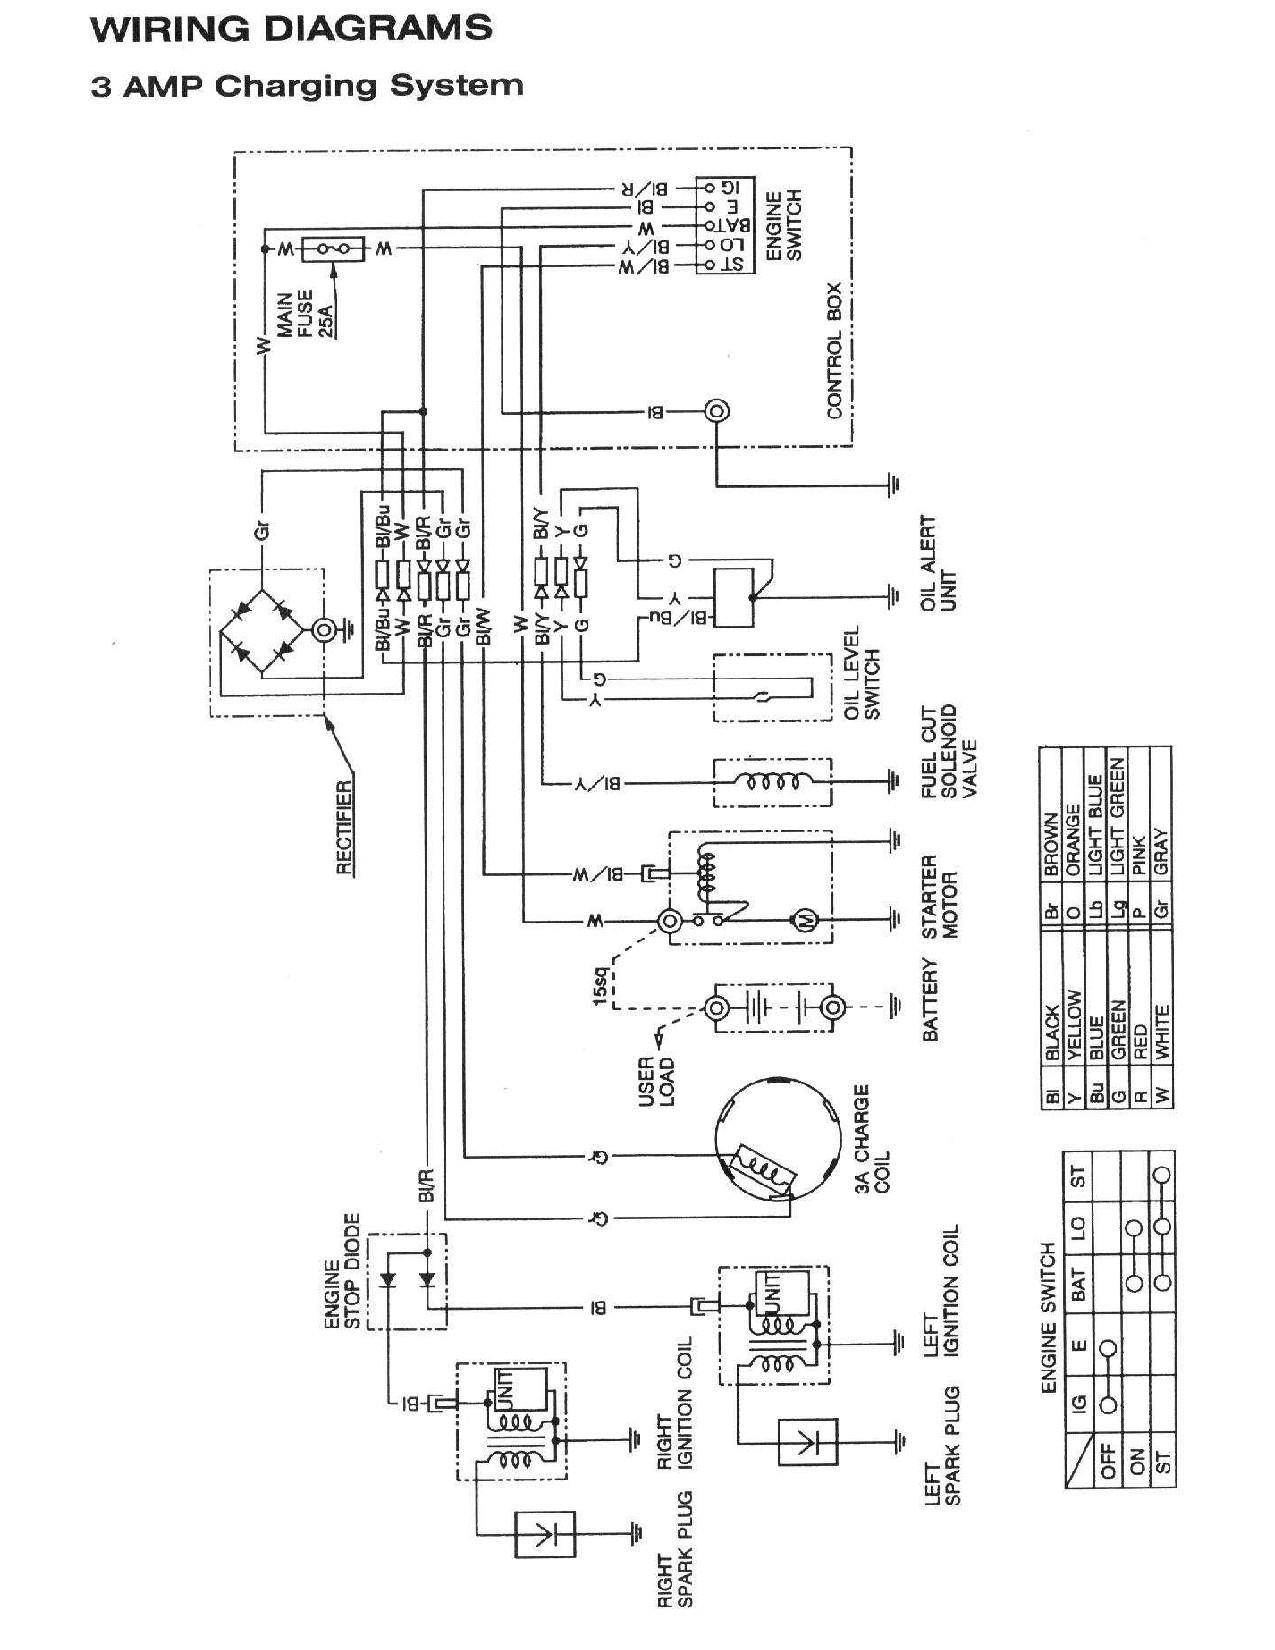 intel motherboard wiring diagram